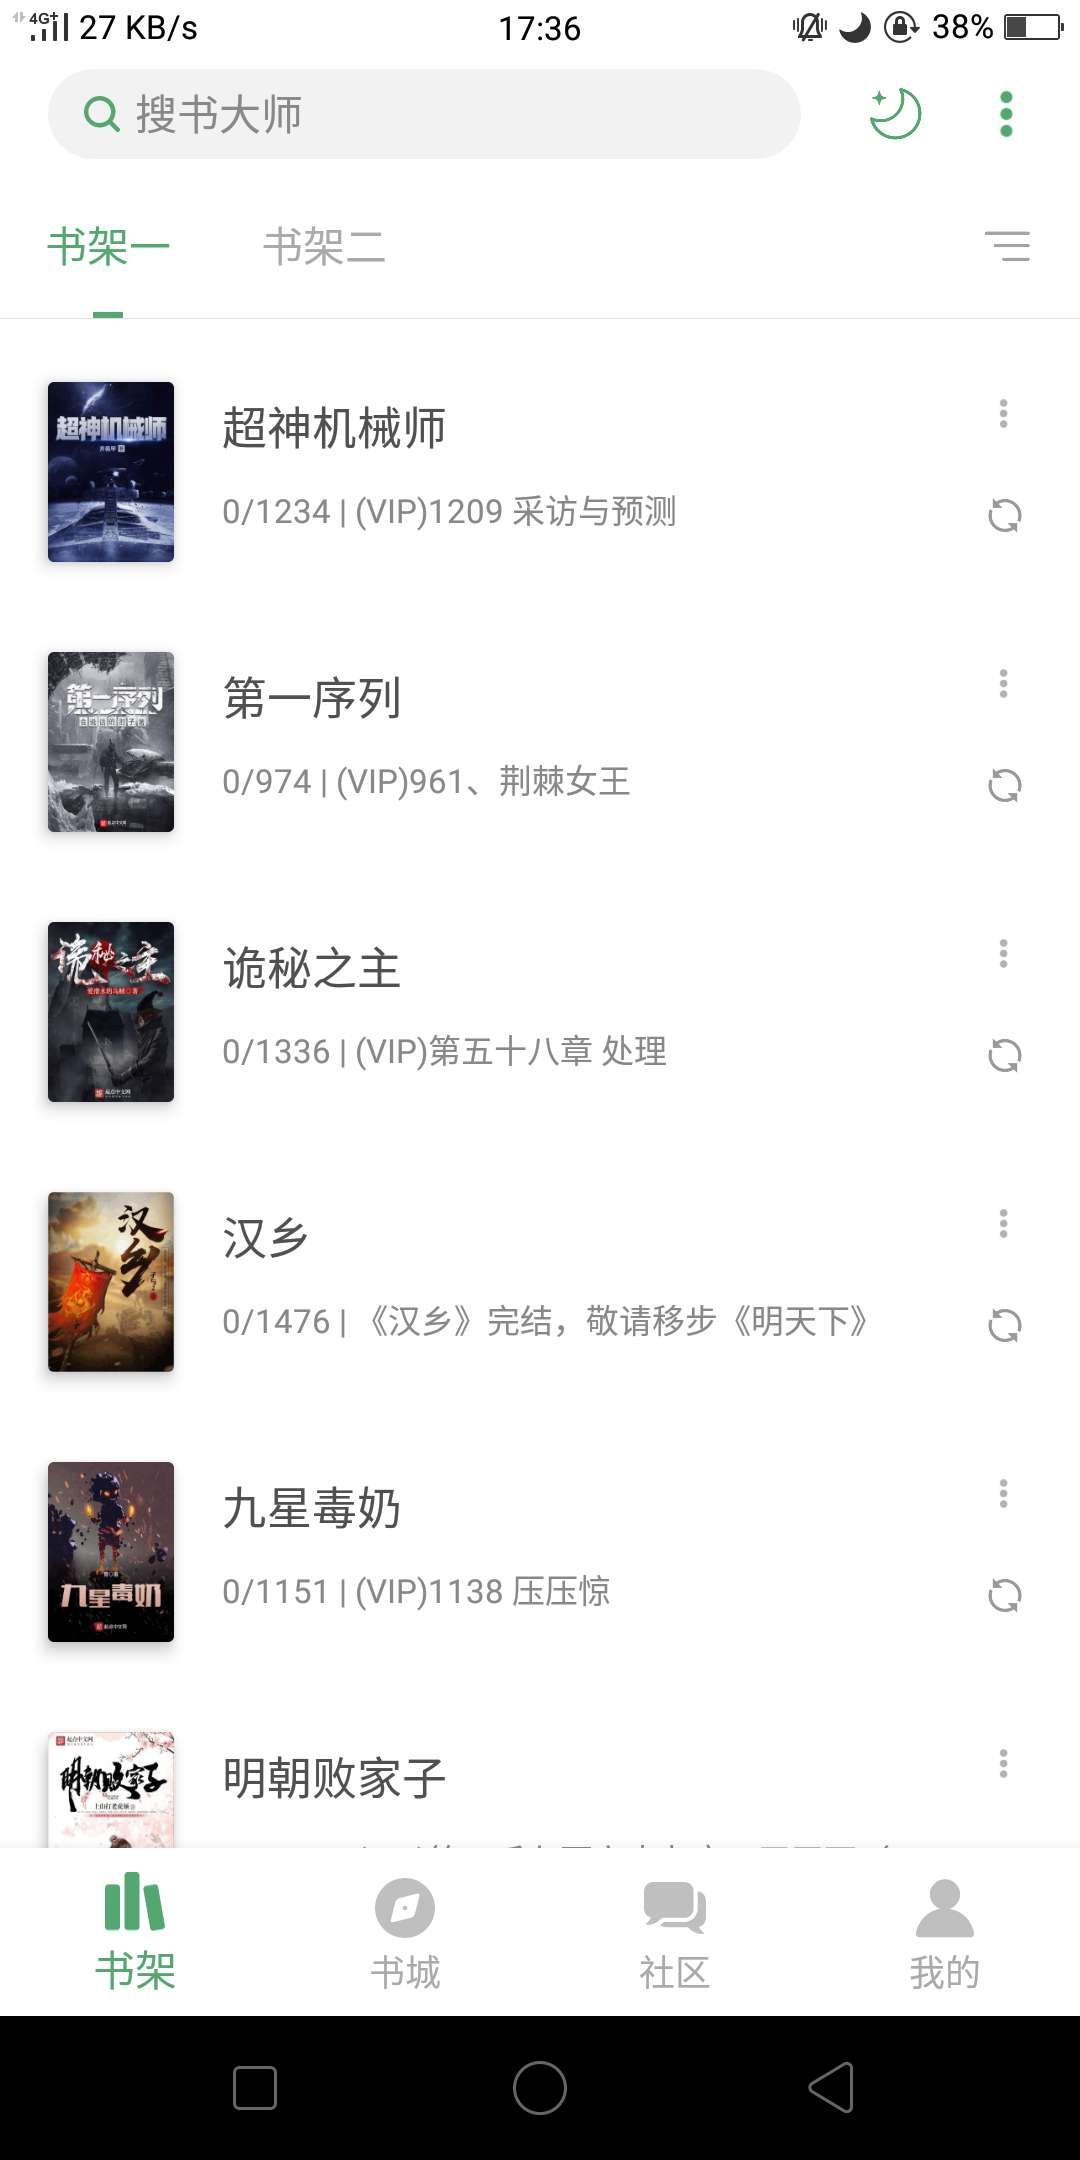 【分享】搜书大师v20.7(最新版,可看卢飞小说)